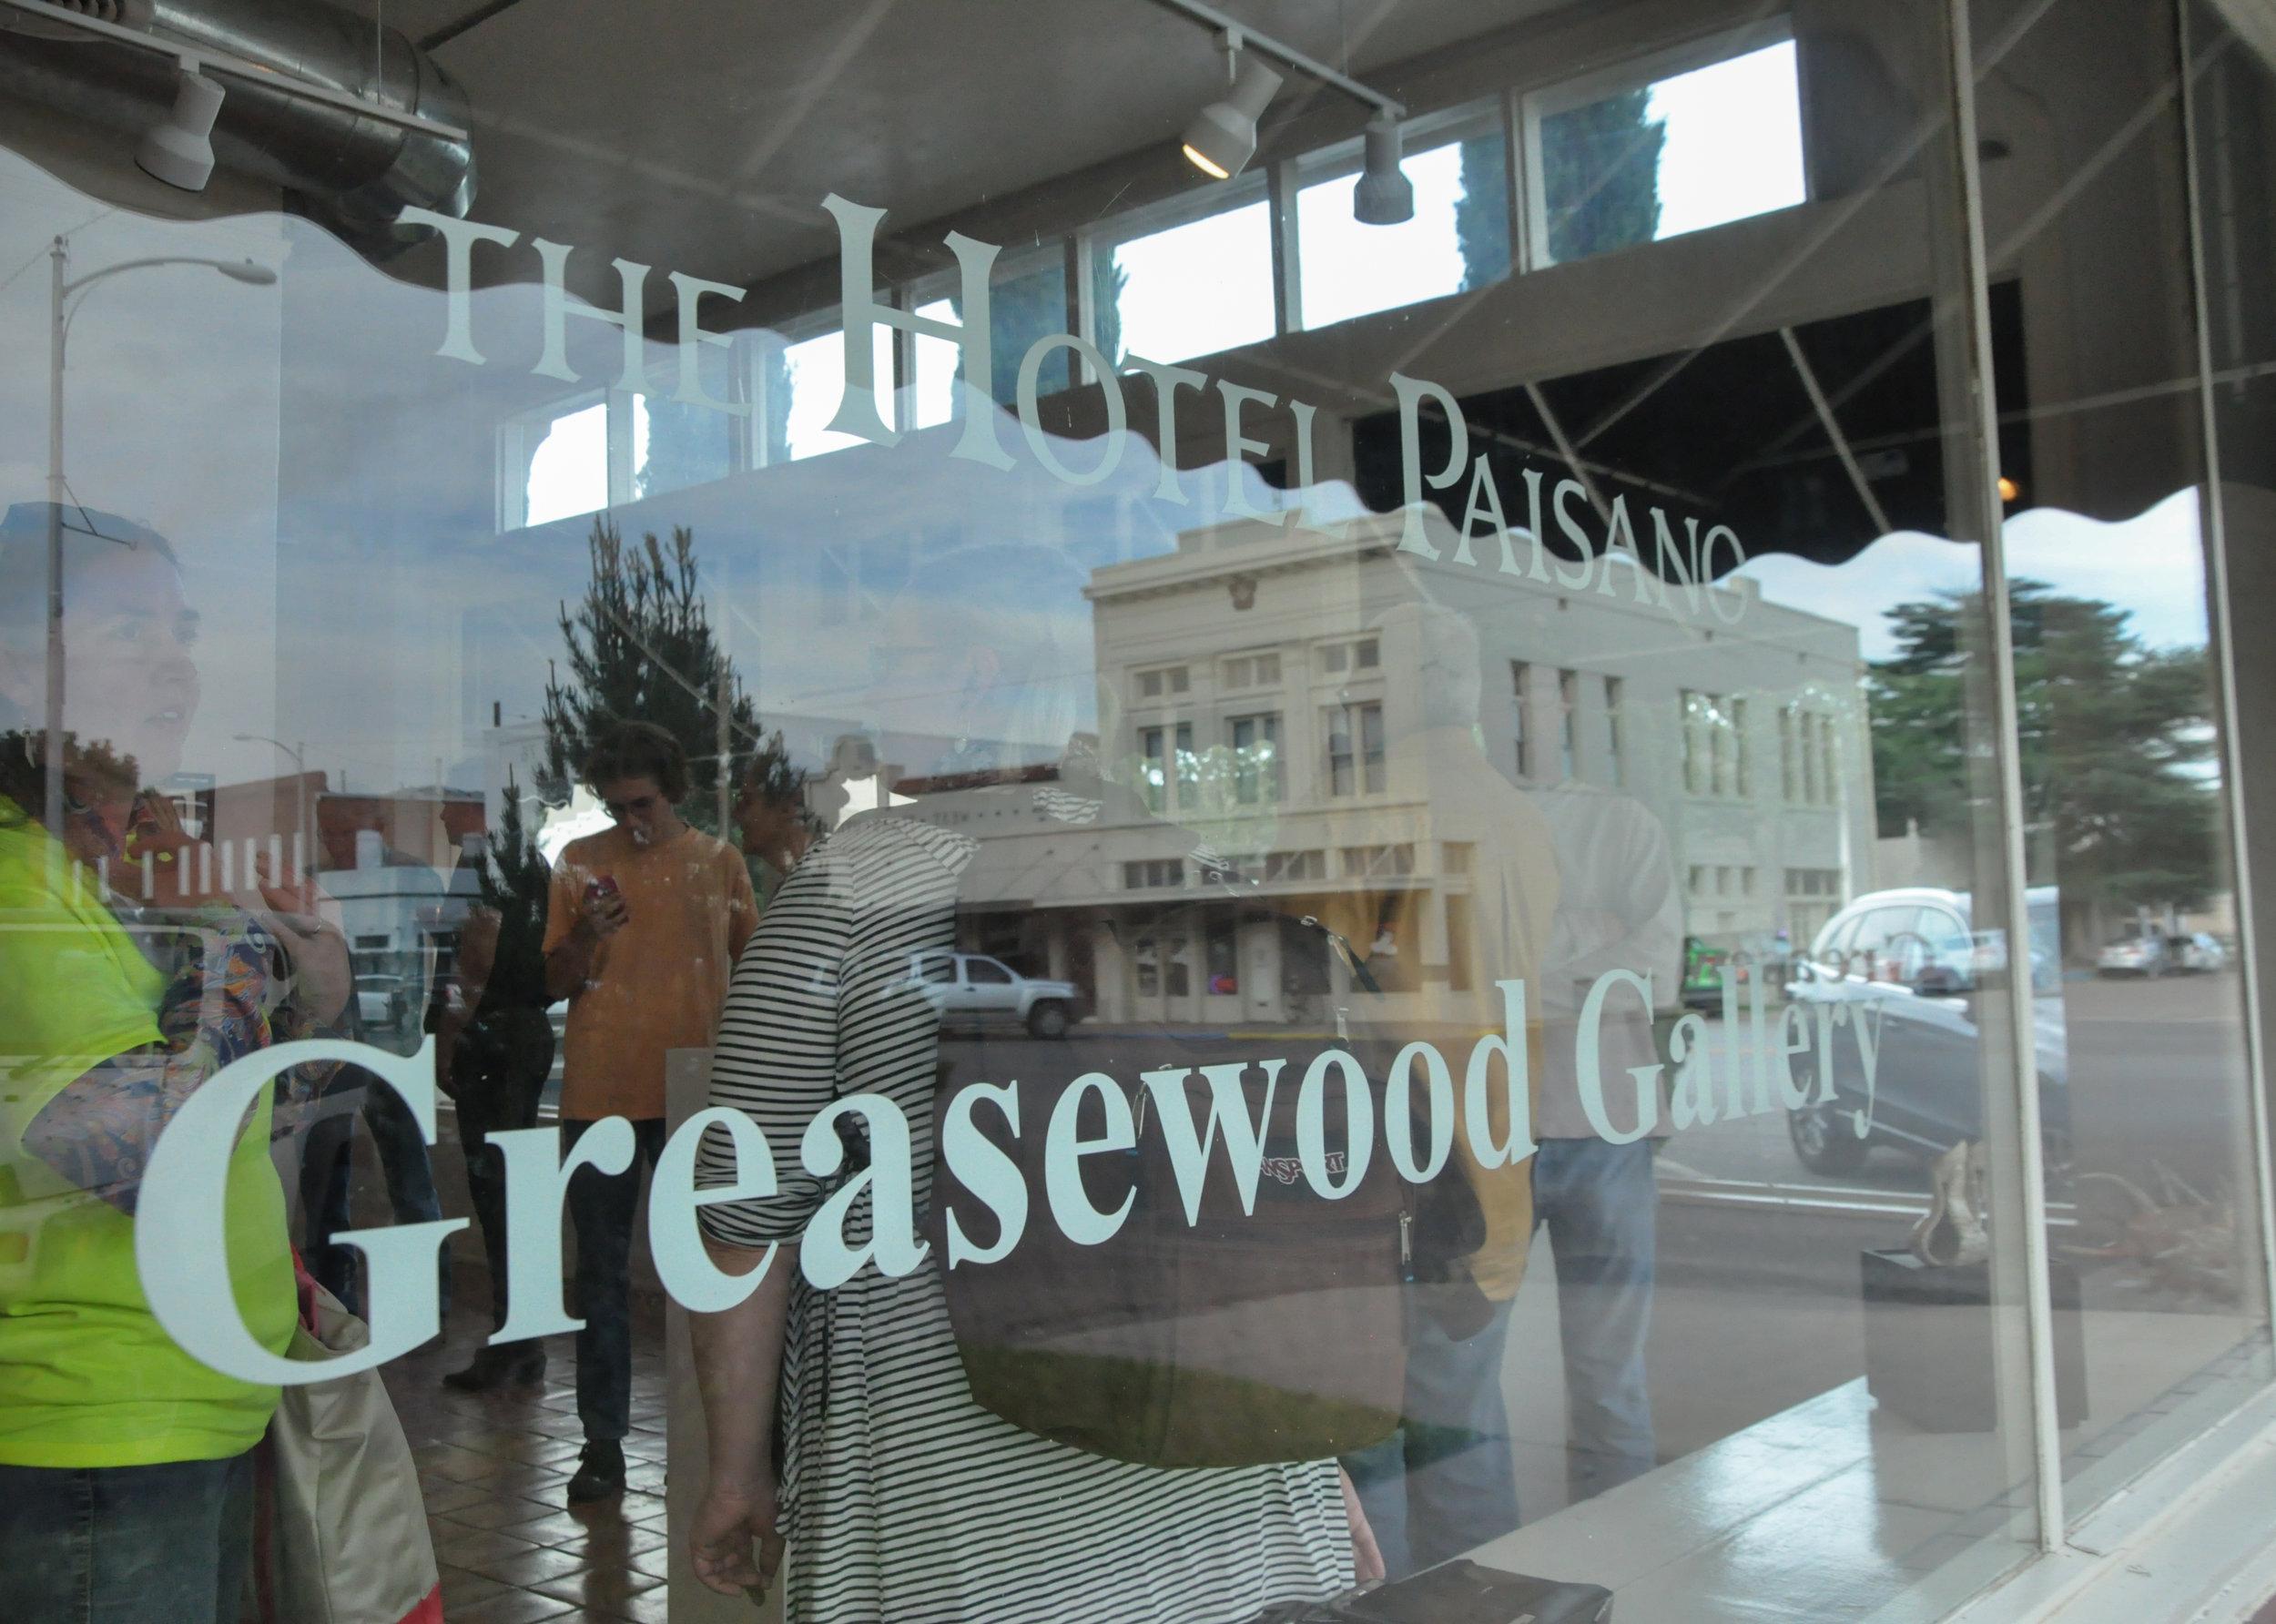 Greasewood_0022.jpg